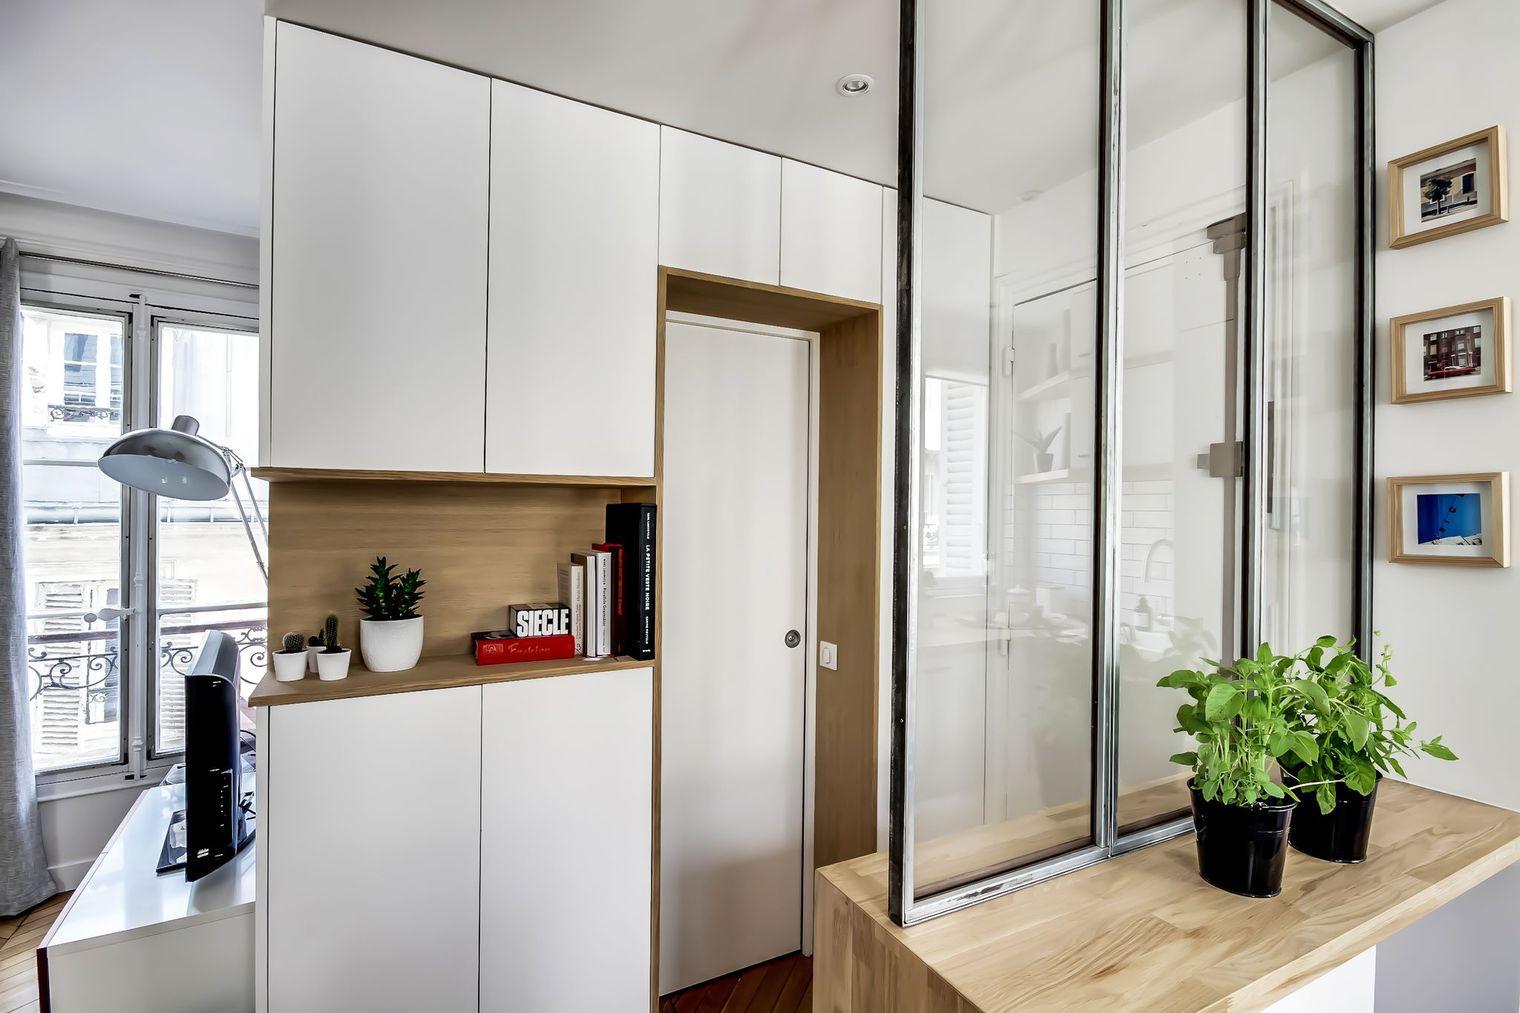 Sau cải tạo, căn hộ 38m² đẹp hoàn hảo mọi góc nhìn   - Ảnh 3.